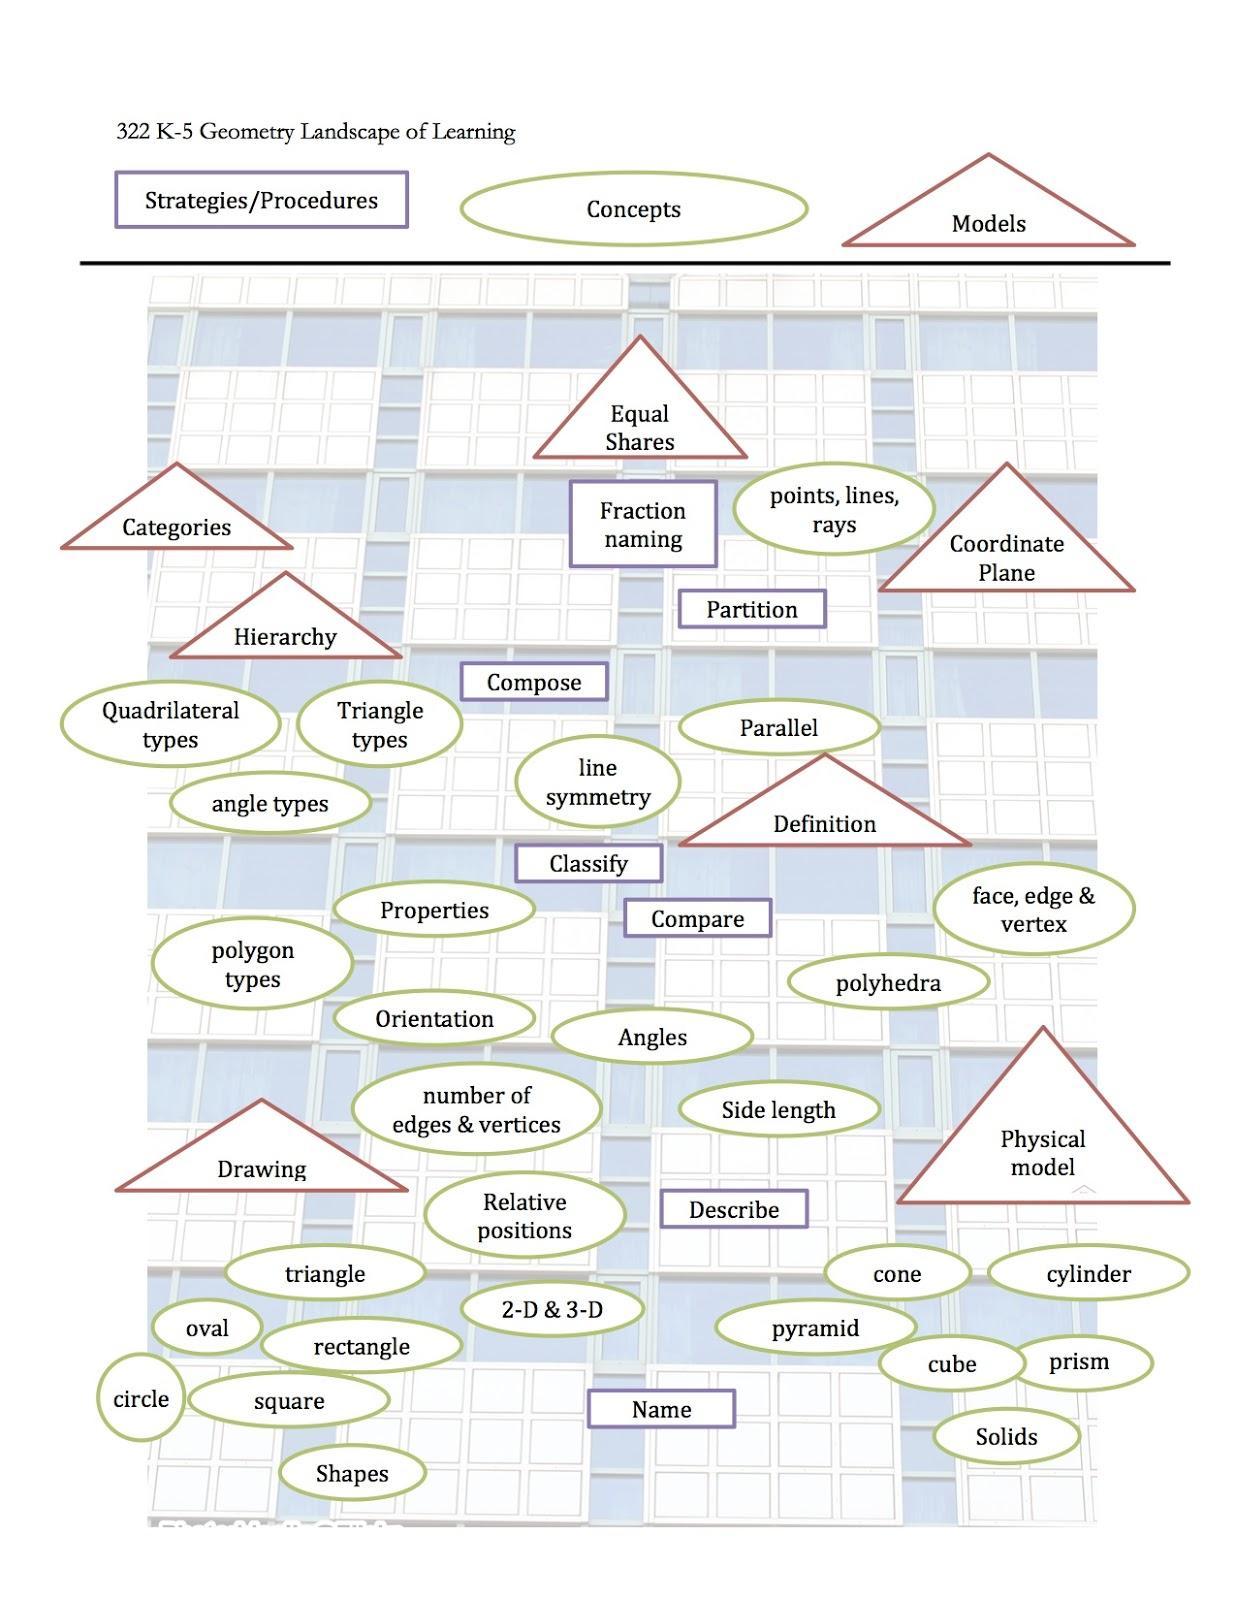 Math Hombre: Geometric Landscape